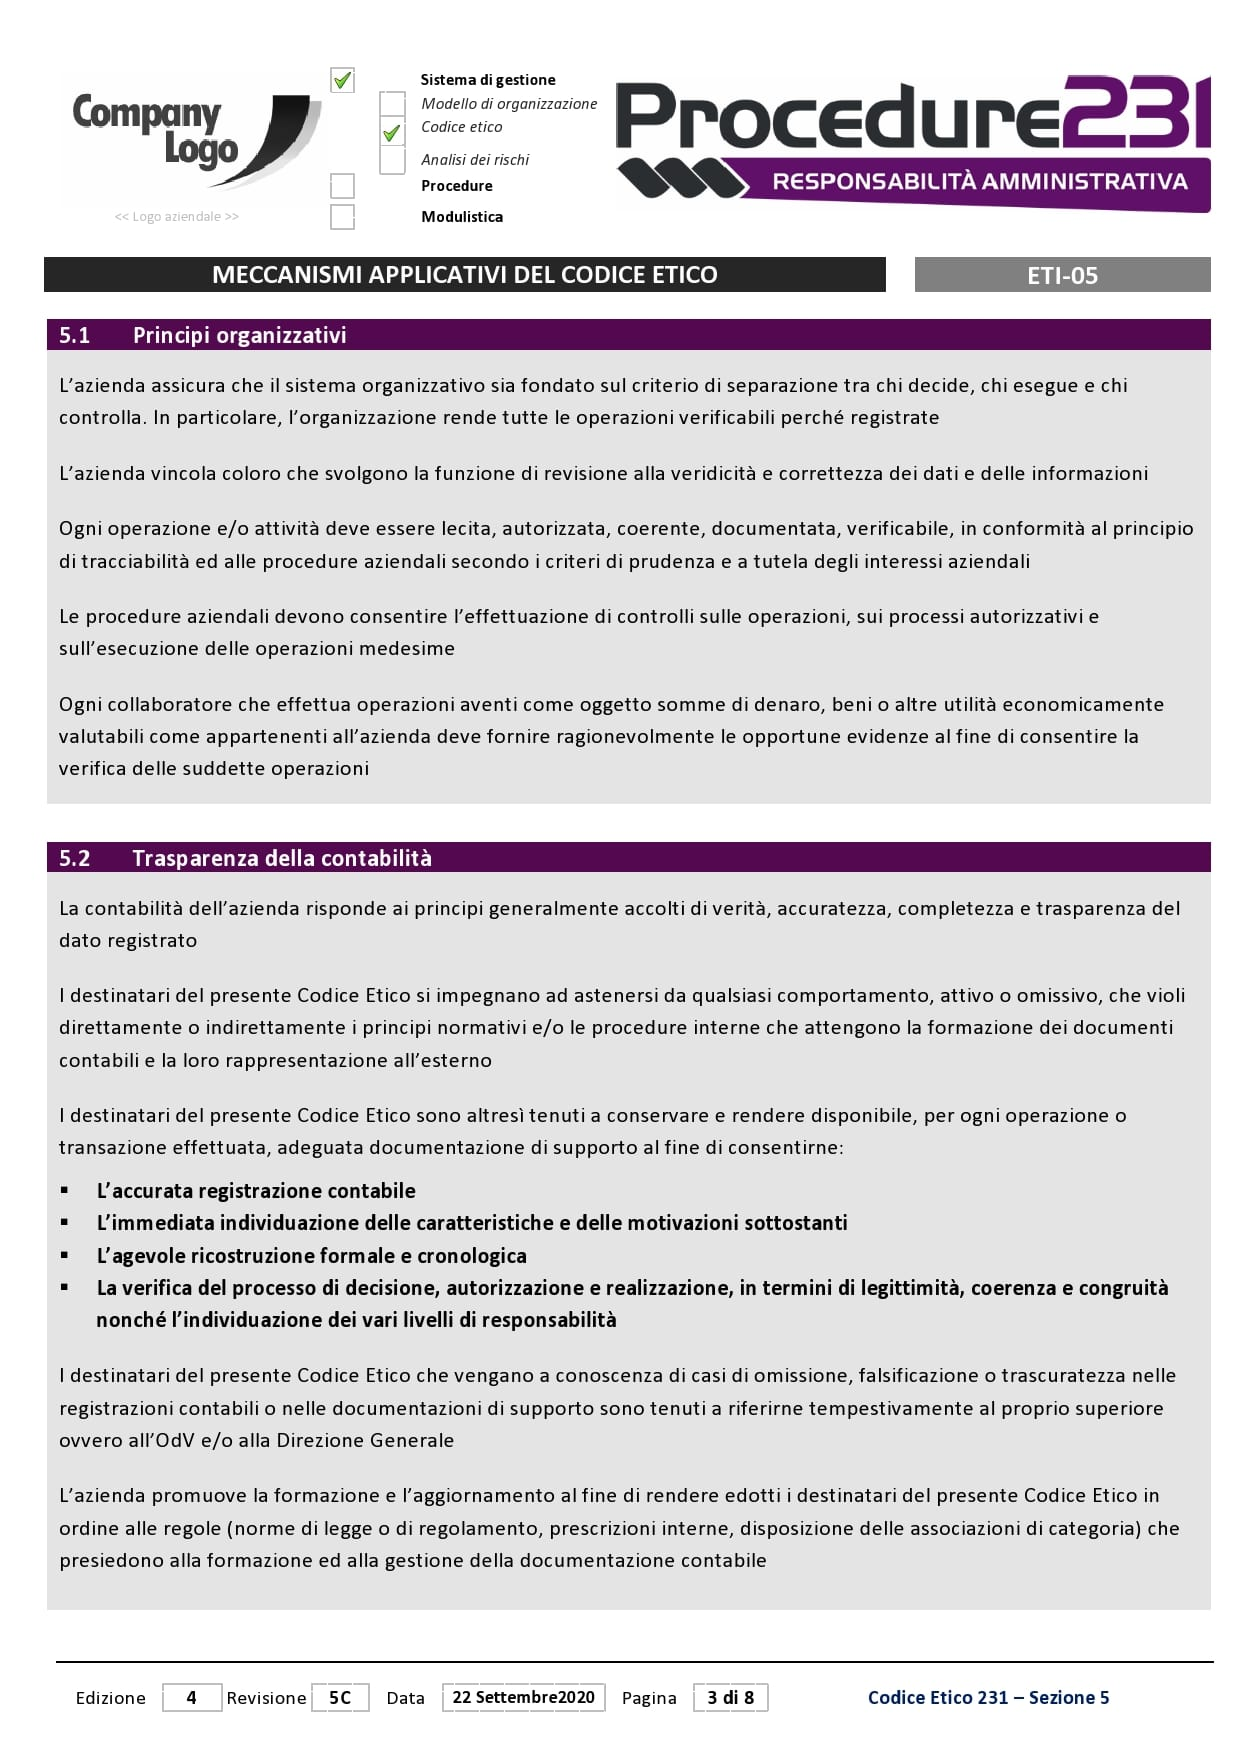 Procedure 231 - Meccanismi-Applicazione